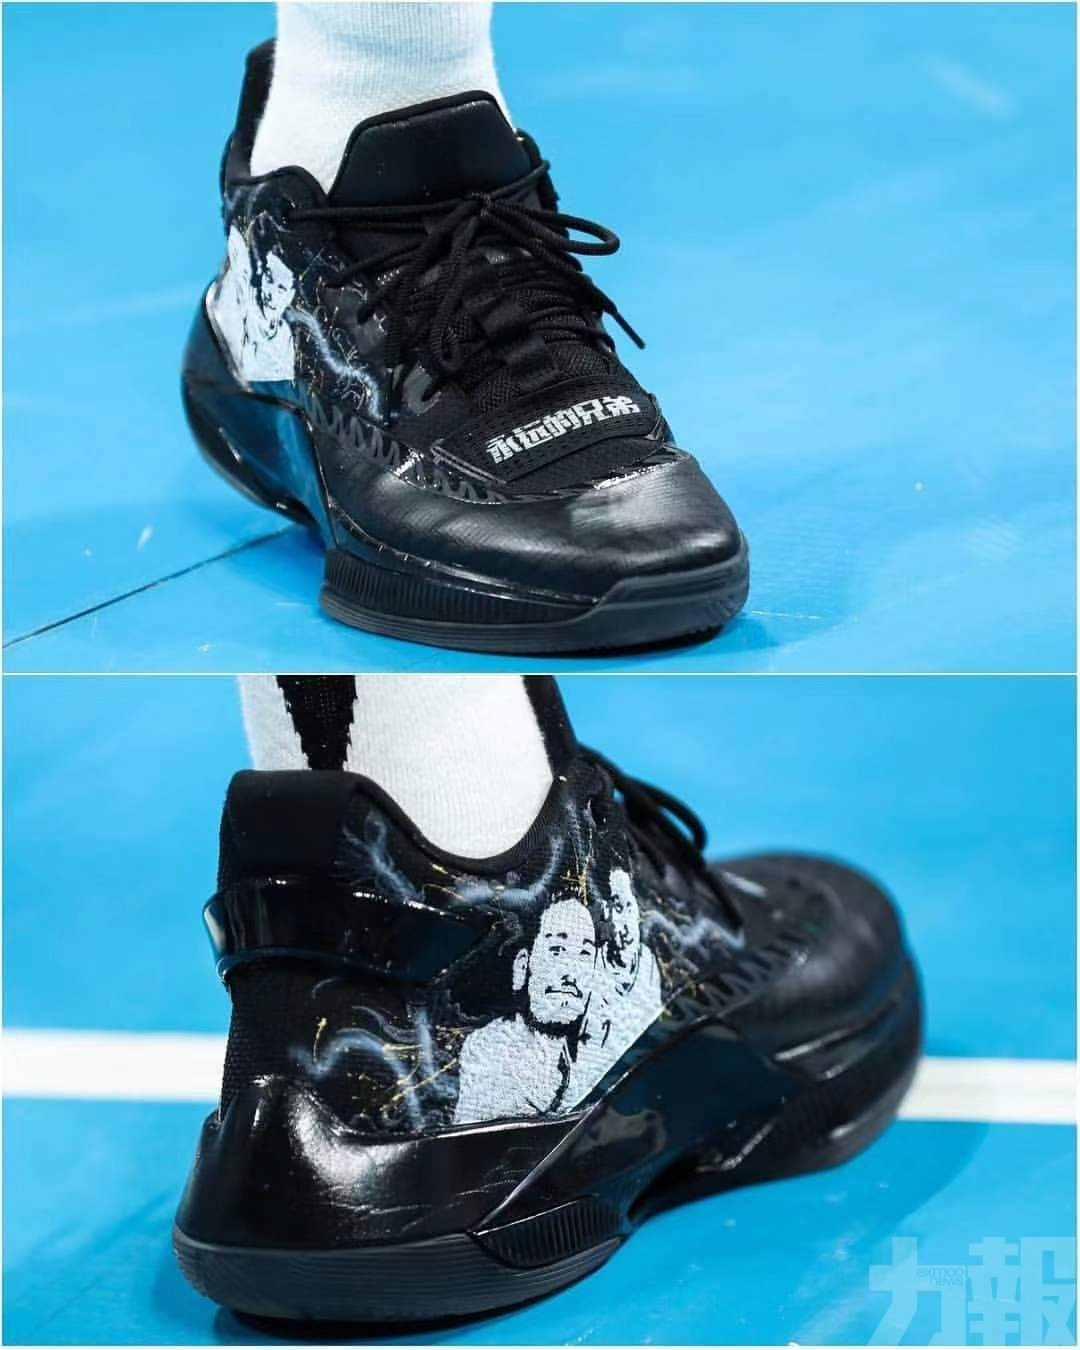 林書豪戰靴印合照悼念波友